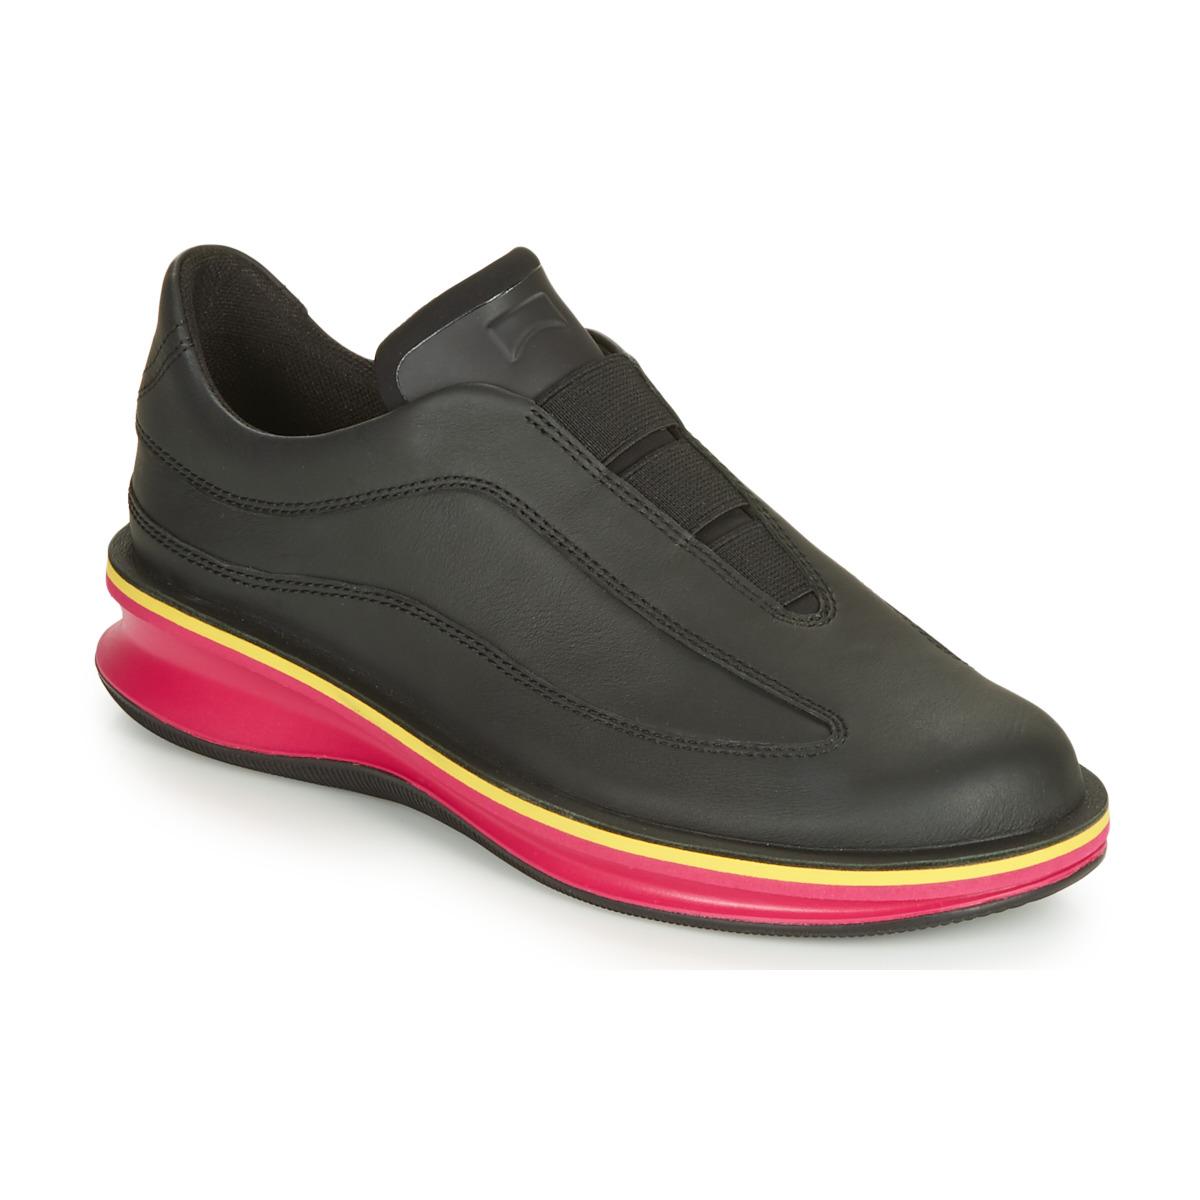 buon servizio guarda bene le scarpe in vendita molti stili Camper ROLLING Black / Pink - Fast delivery | Spartoo Europe ...